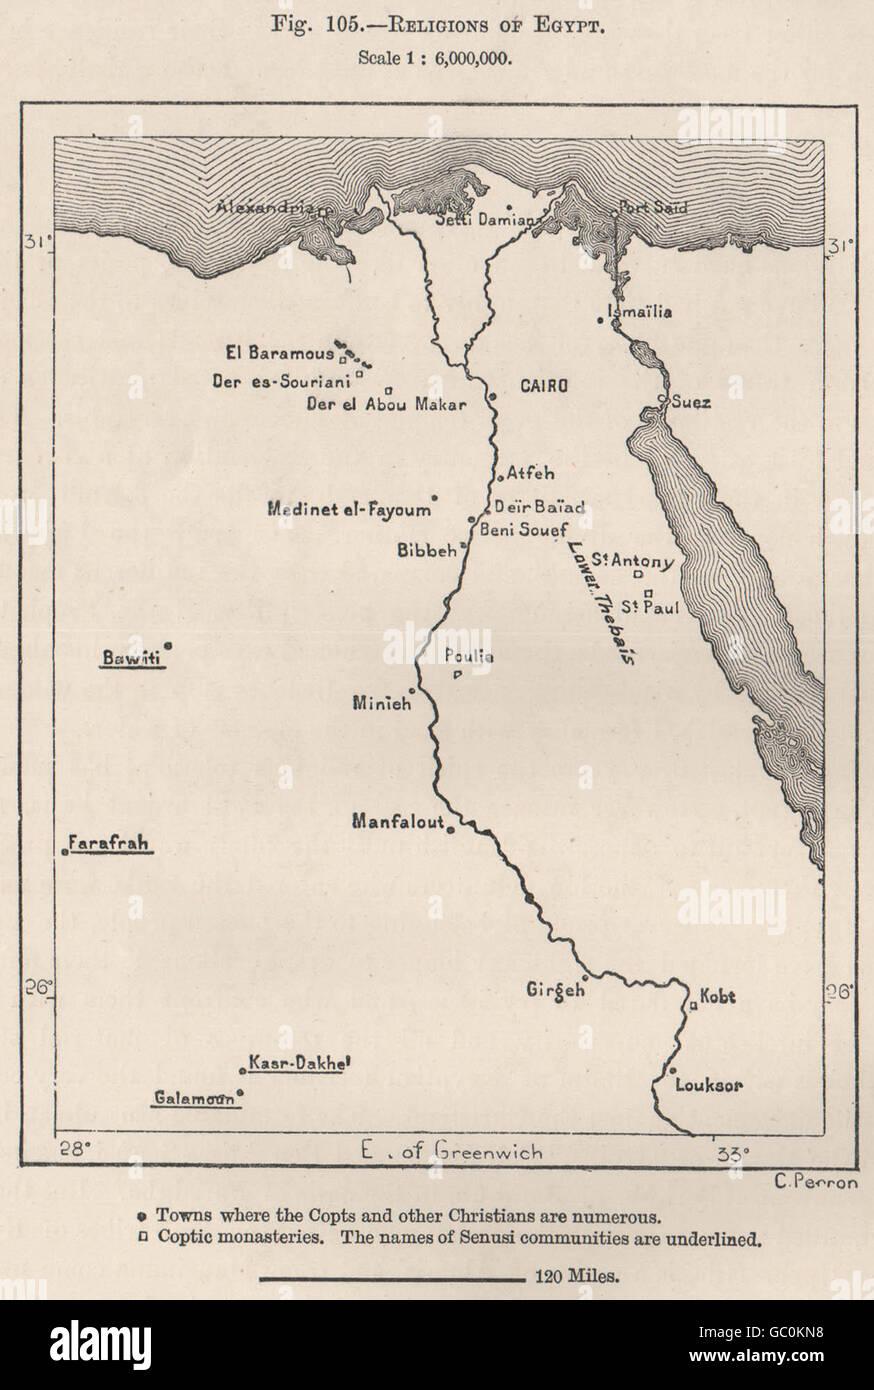 Religionen von Ägypten, Antike Landkarte von 1885 Stockbild